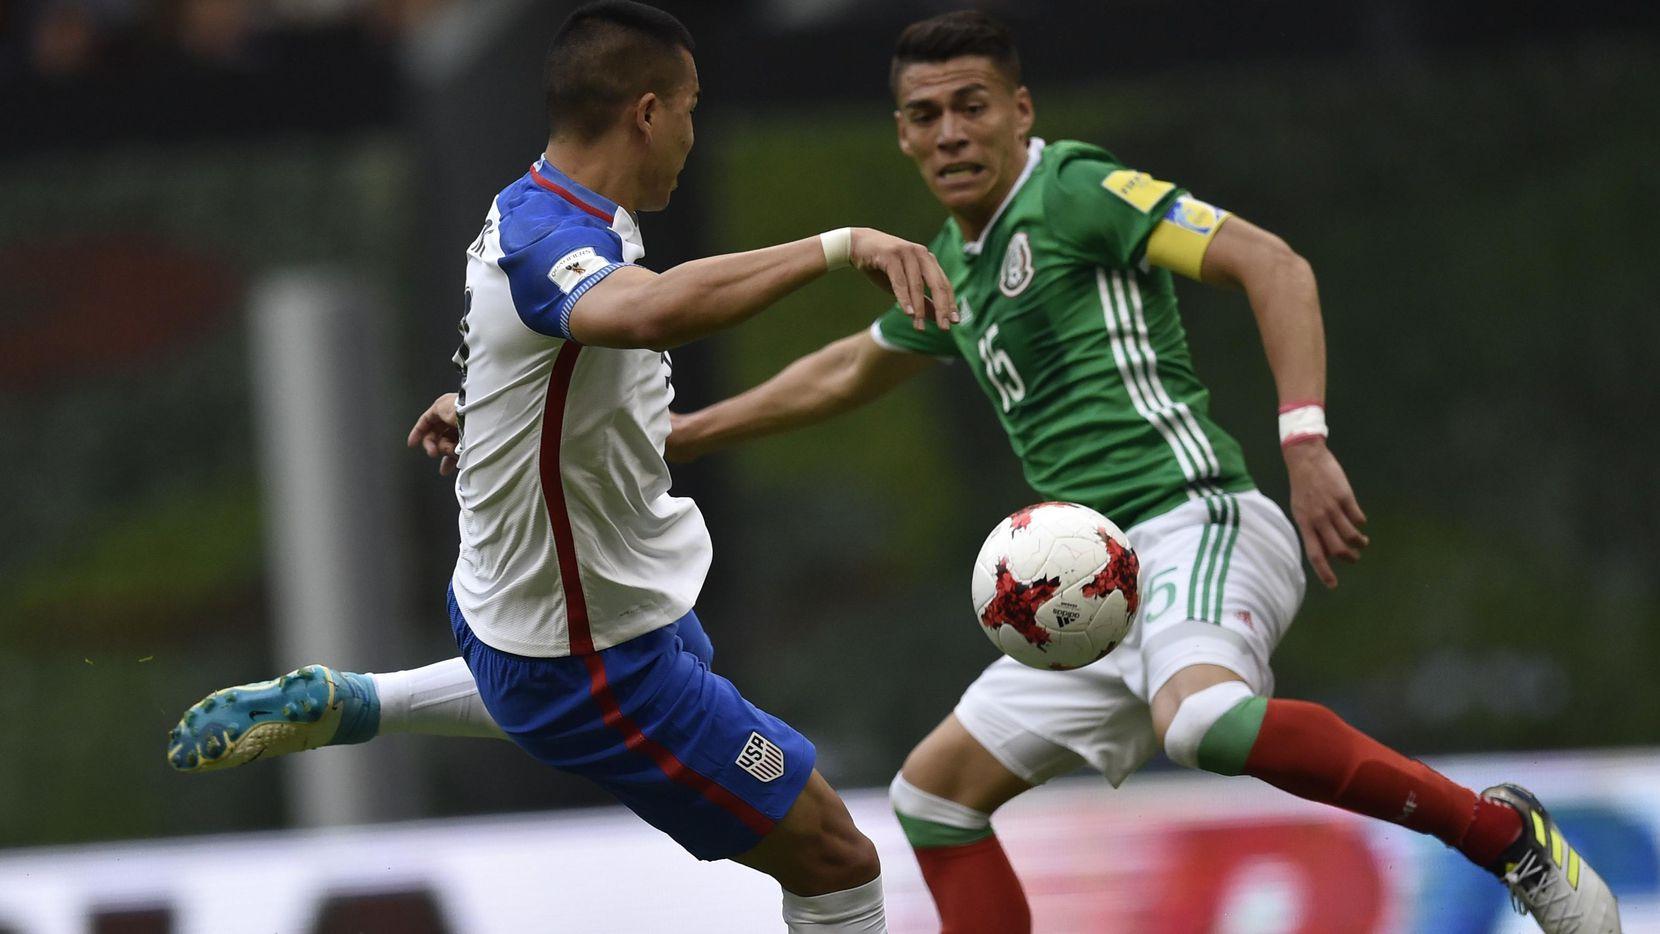 Héctor Moreno y la selección mexicana enfrentan a Portugal en su debut en la Copa Confederaciones 2017 en Rusia. (AFP /Getty Images/PEDRO PARDO)